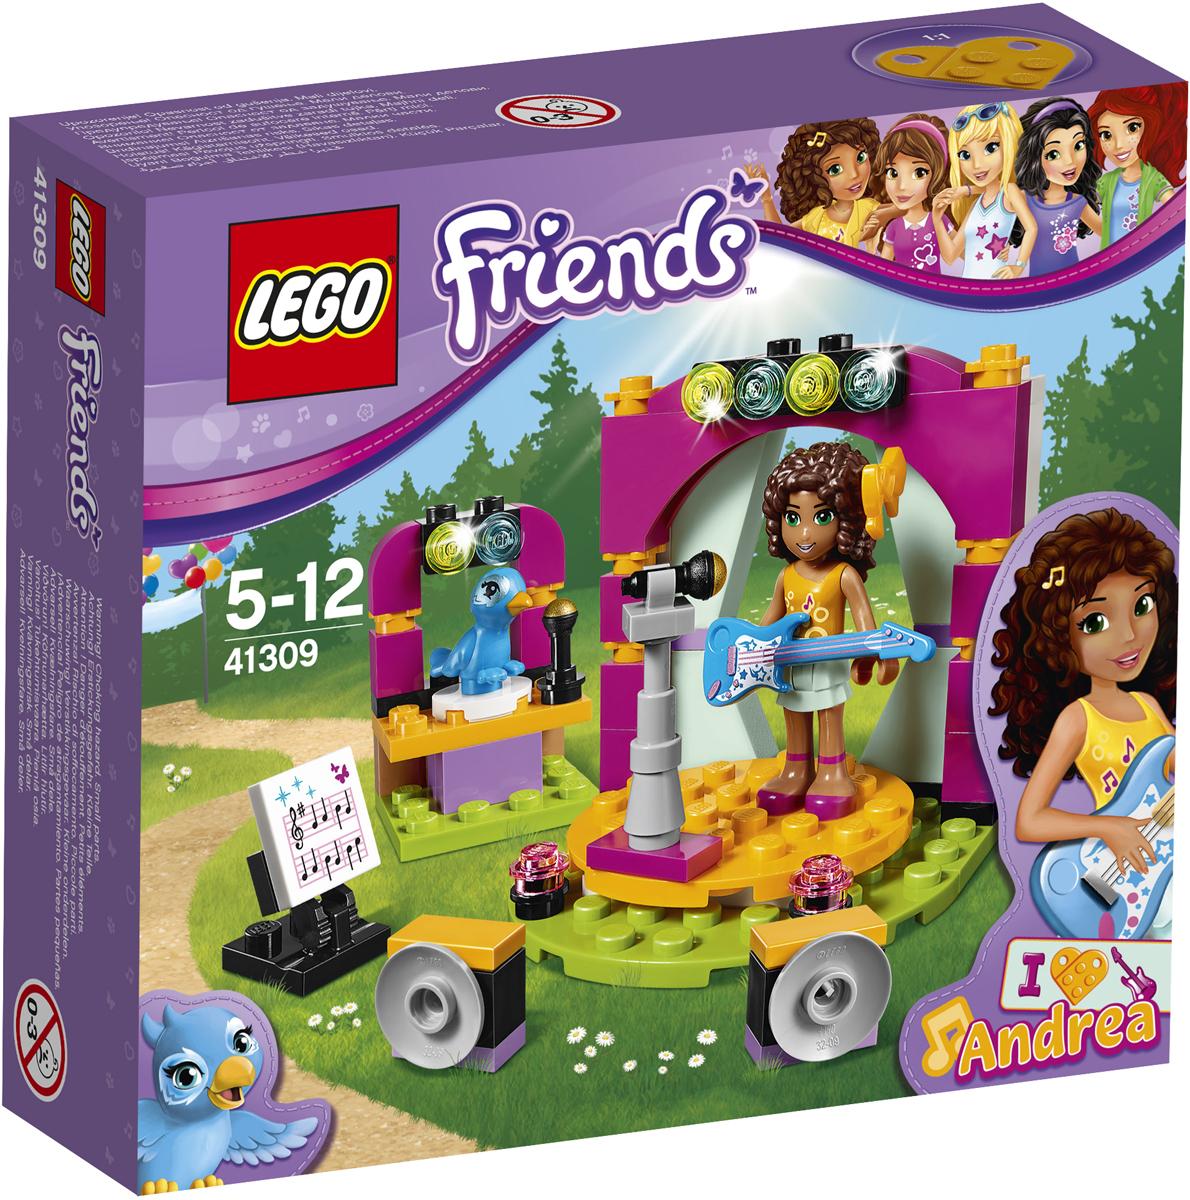 LEGO Friends Конструктор Музыкальный дуэт Андреа 4130941309Учись пению и актёрскому мастерству вместе с Андреа! Она прирождённая певица, а её попугай Клео обожает петь с ней хором! Помоги Андреа, которая играет на электрогитаре, выучить ноты, а когда она будет идеально готова к выступлению, пой вместе с ней и Клео и поворачивай вертящуюся сцену и стойку с попугаем, чтобы сделать концерт ещё зрелищнее.